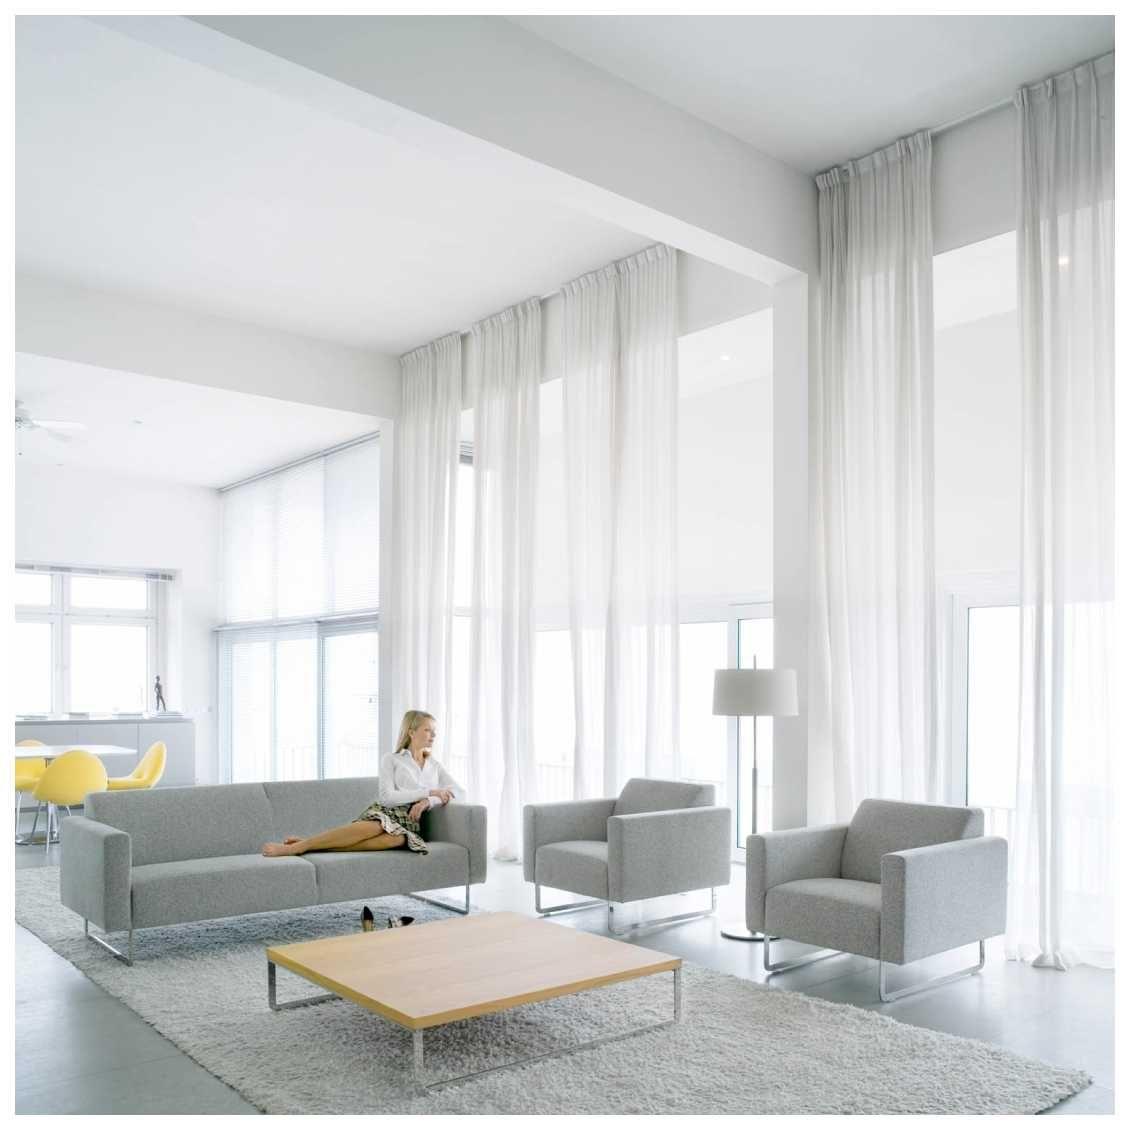 Artifort Design Salontafel.De Artifort Mare T Design Salontafel Speciaal Ontworpen Door